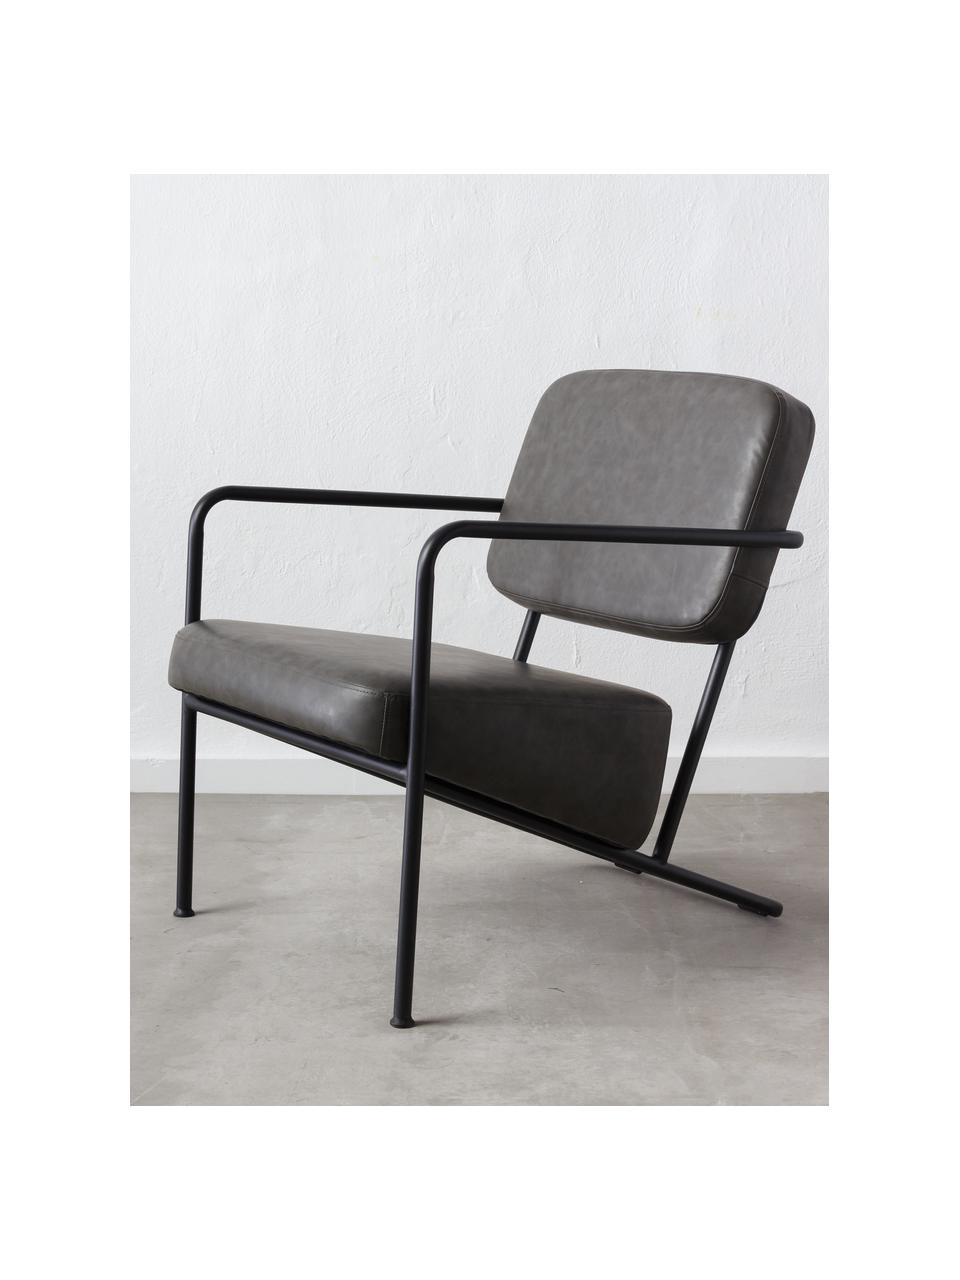 Fotel wypoczynkowy ze sztucznej skóry z metalową ramą Arms, Tapicerka: sztuczna skóra, Stelaż: drewno warstwowe, Szary, S 57 x G 76 cm